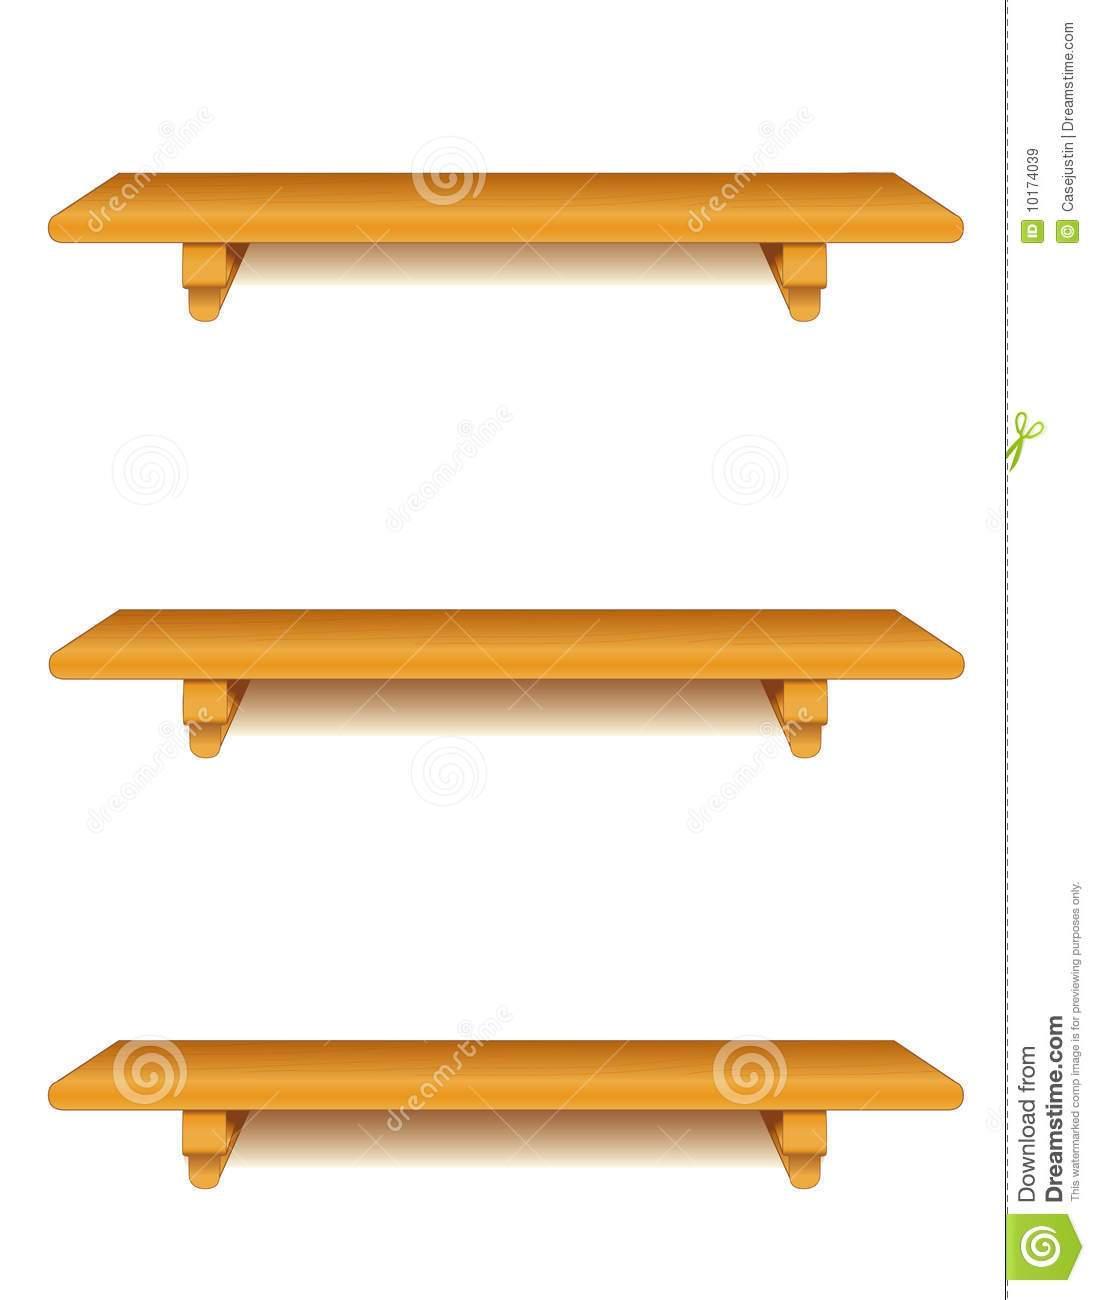 Wooden shelf empty shelves. Bookshelf clipart shelving